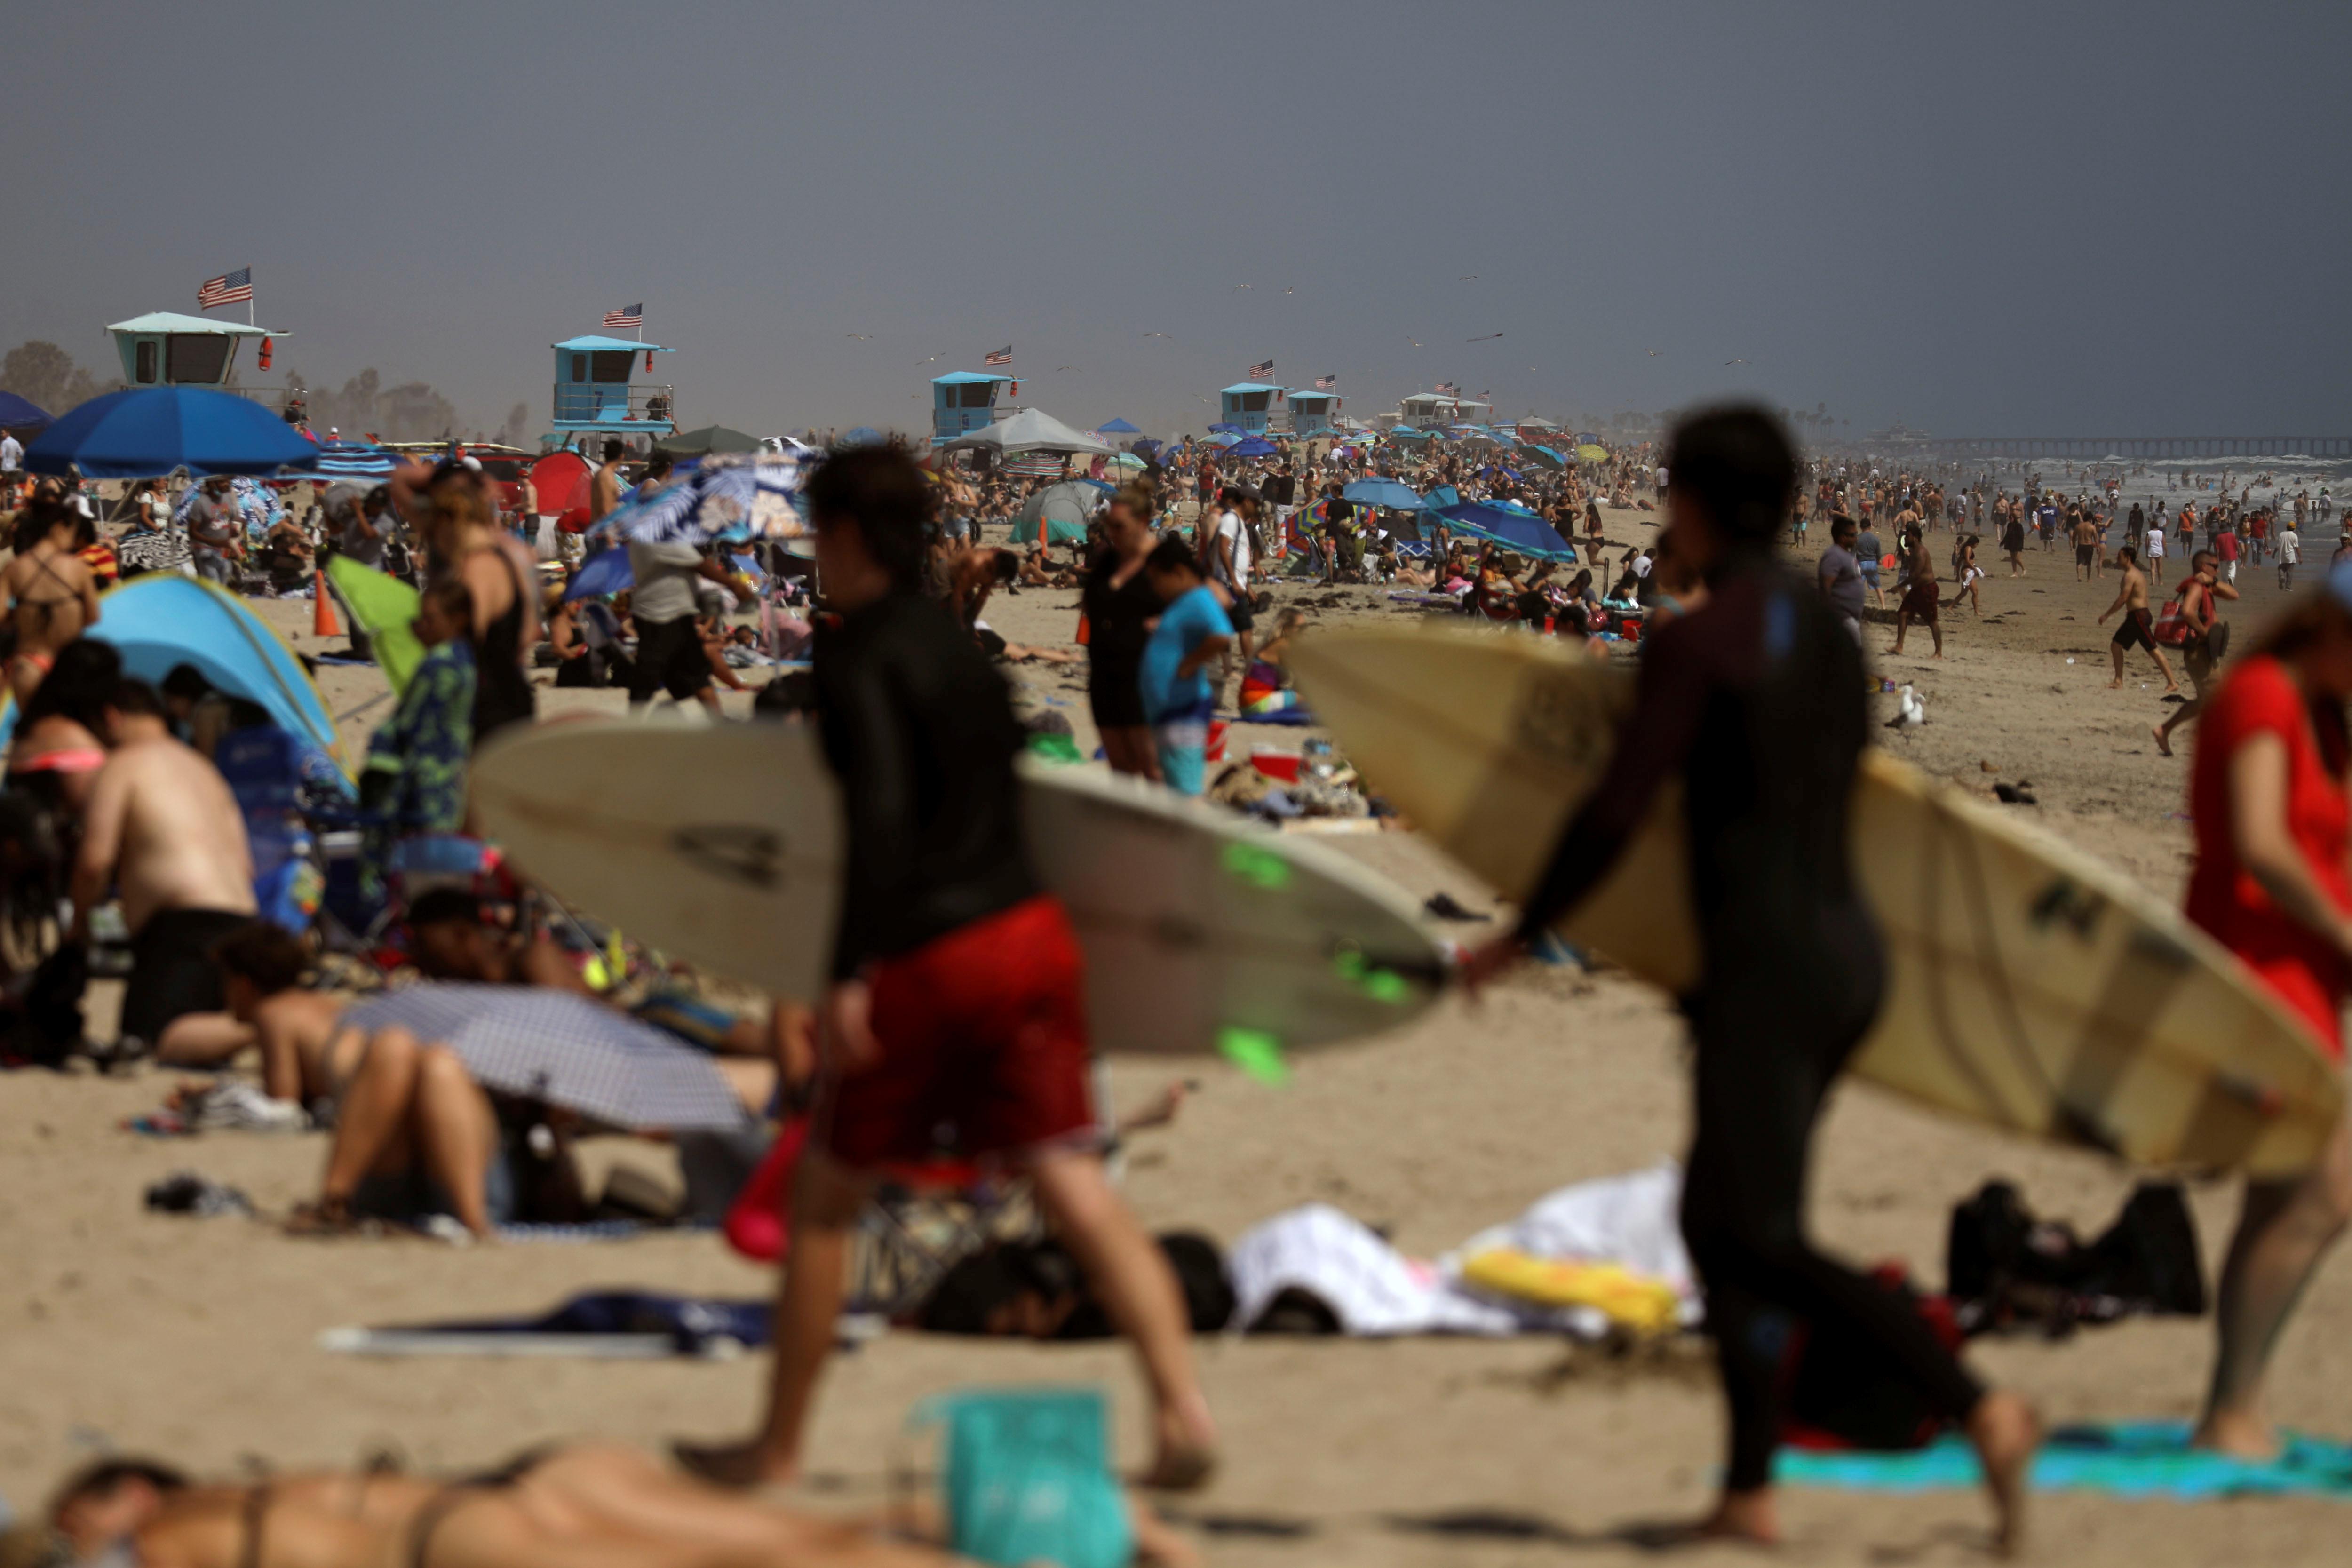 La arena llena de veraneantes en Huntington Beach, California